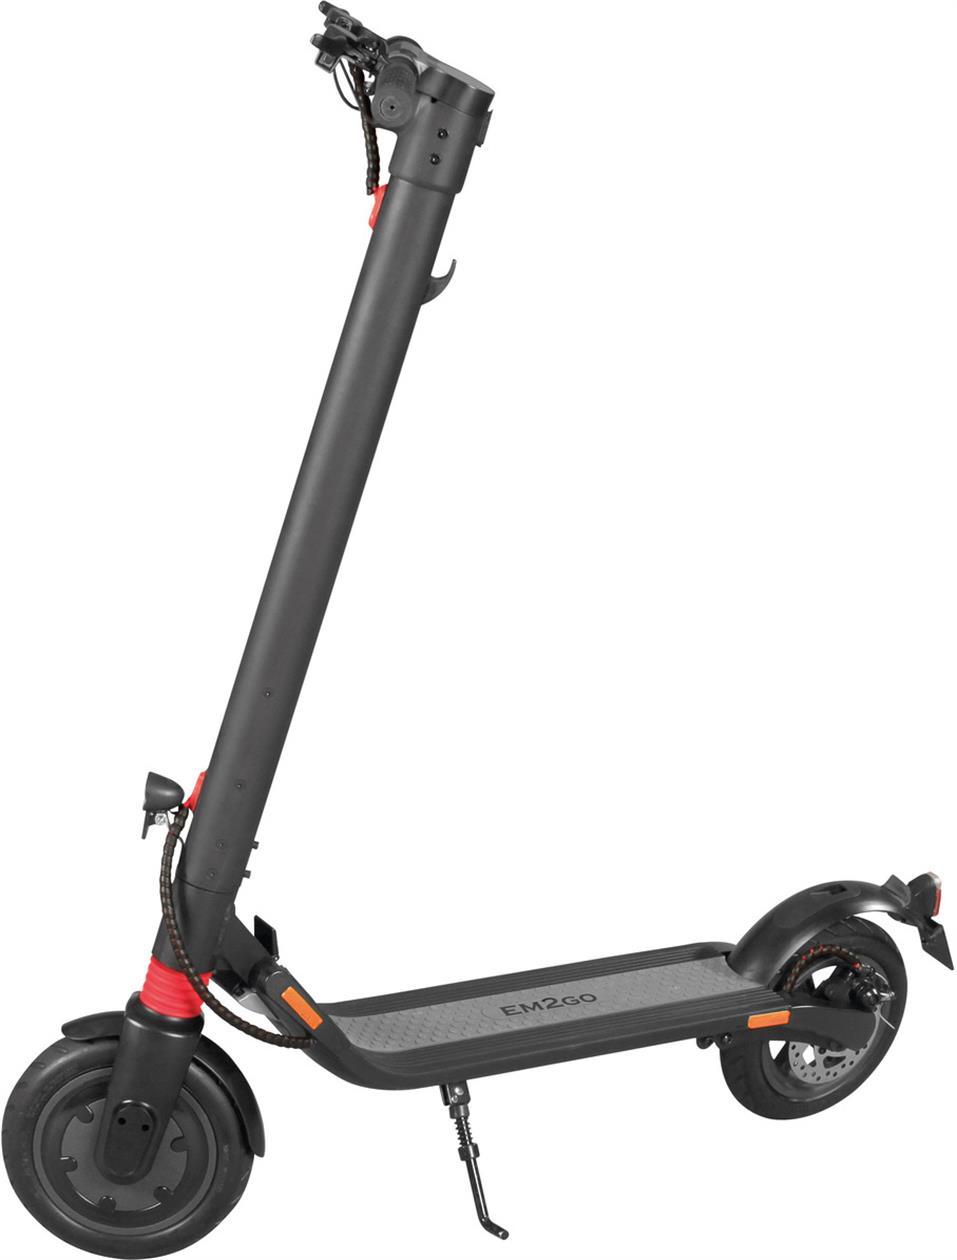 e scooter betriebserlaubnis kaufen